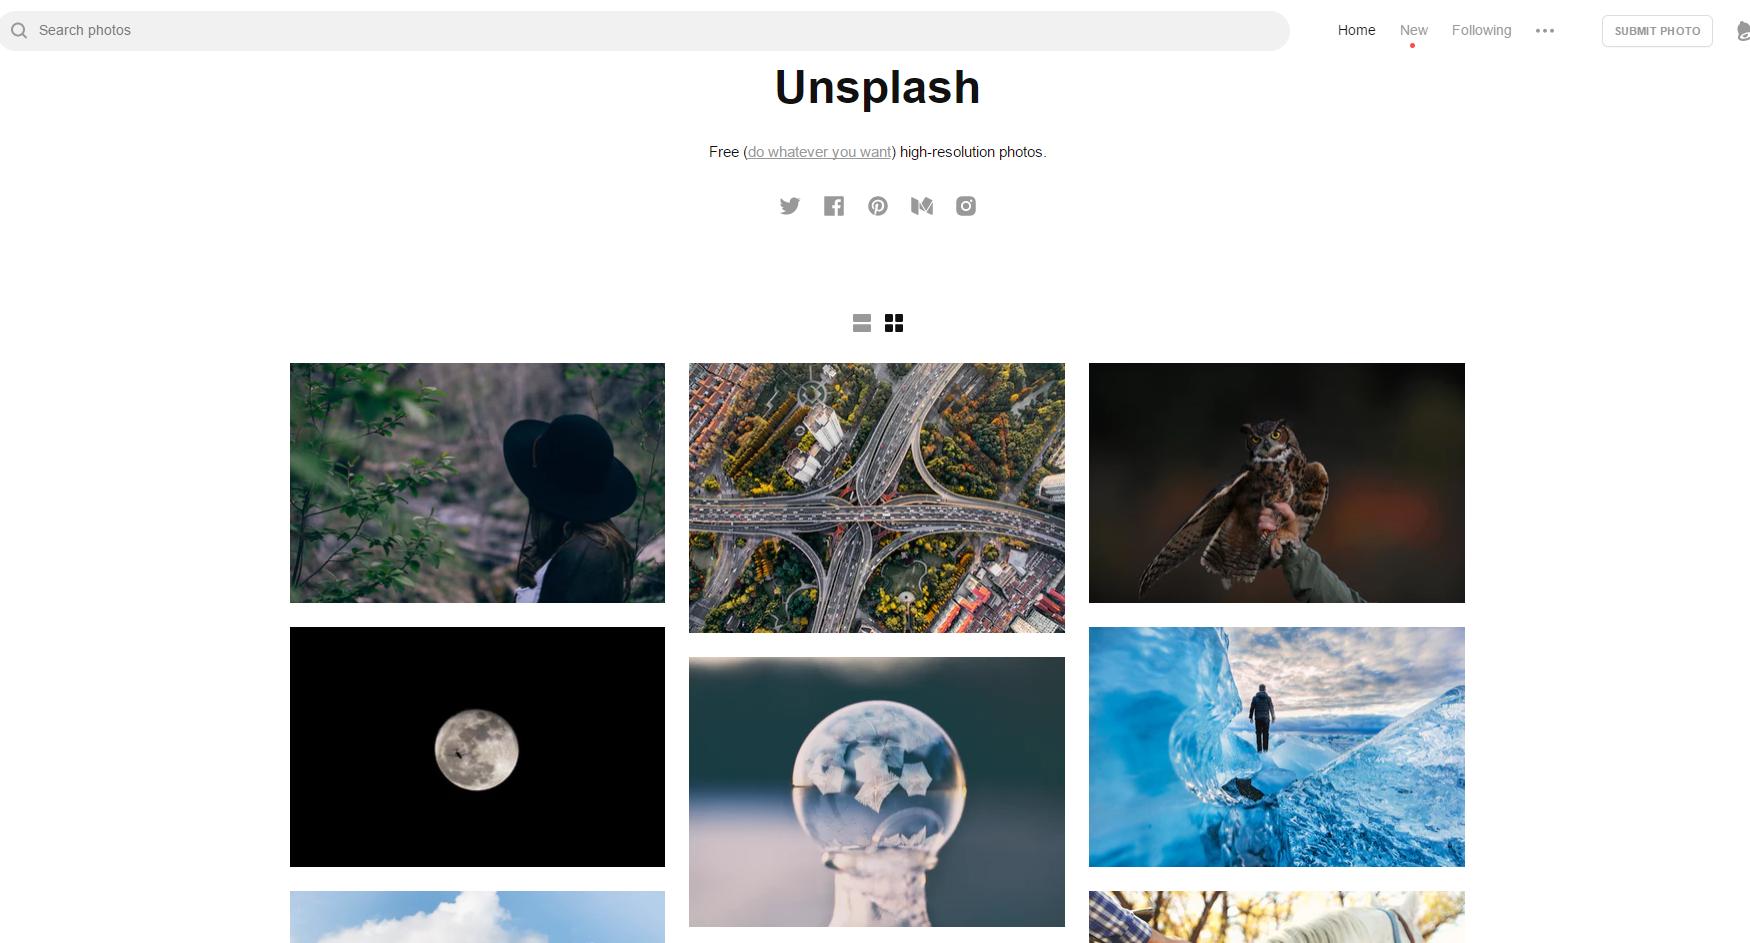 Sosyal Medya İçin Yüksek Kaliteli Görüntüler Nereden Bulabilirim? | Bugün Sosyal Medya